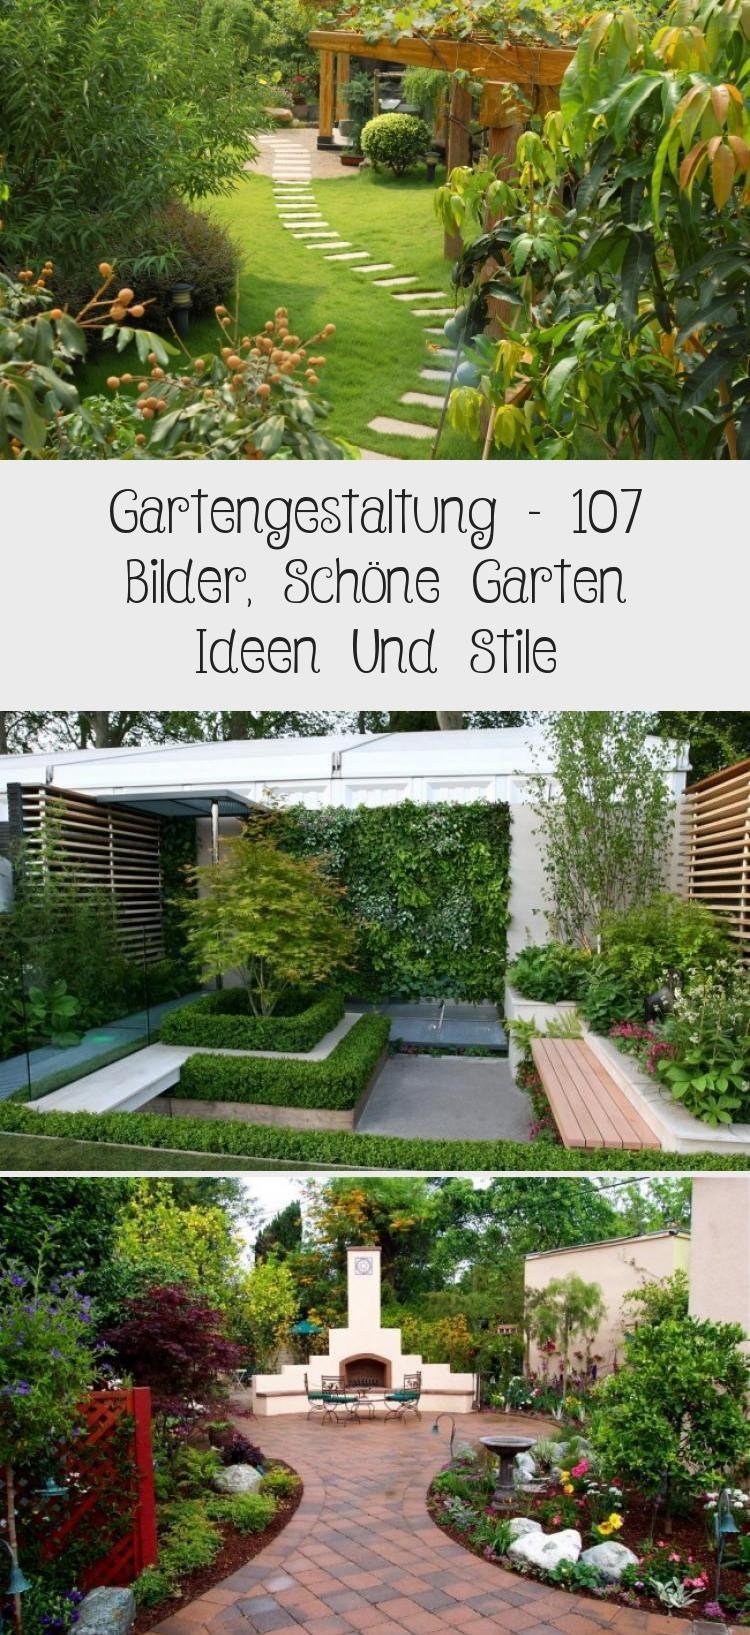 Die Schone Gartengestaltung Braucht Sorgfaltige Planung Und Online Recherche Sie Wollen Einen Gut Geordneten Garten Mit Starken Lini Outdoor Outdoor Decor Decor